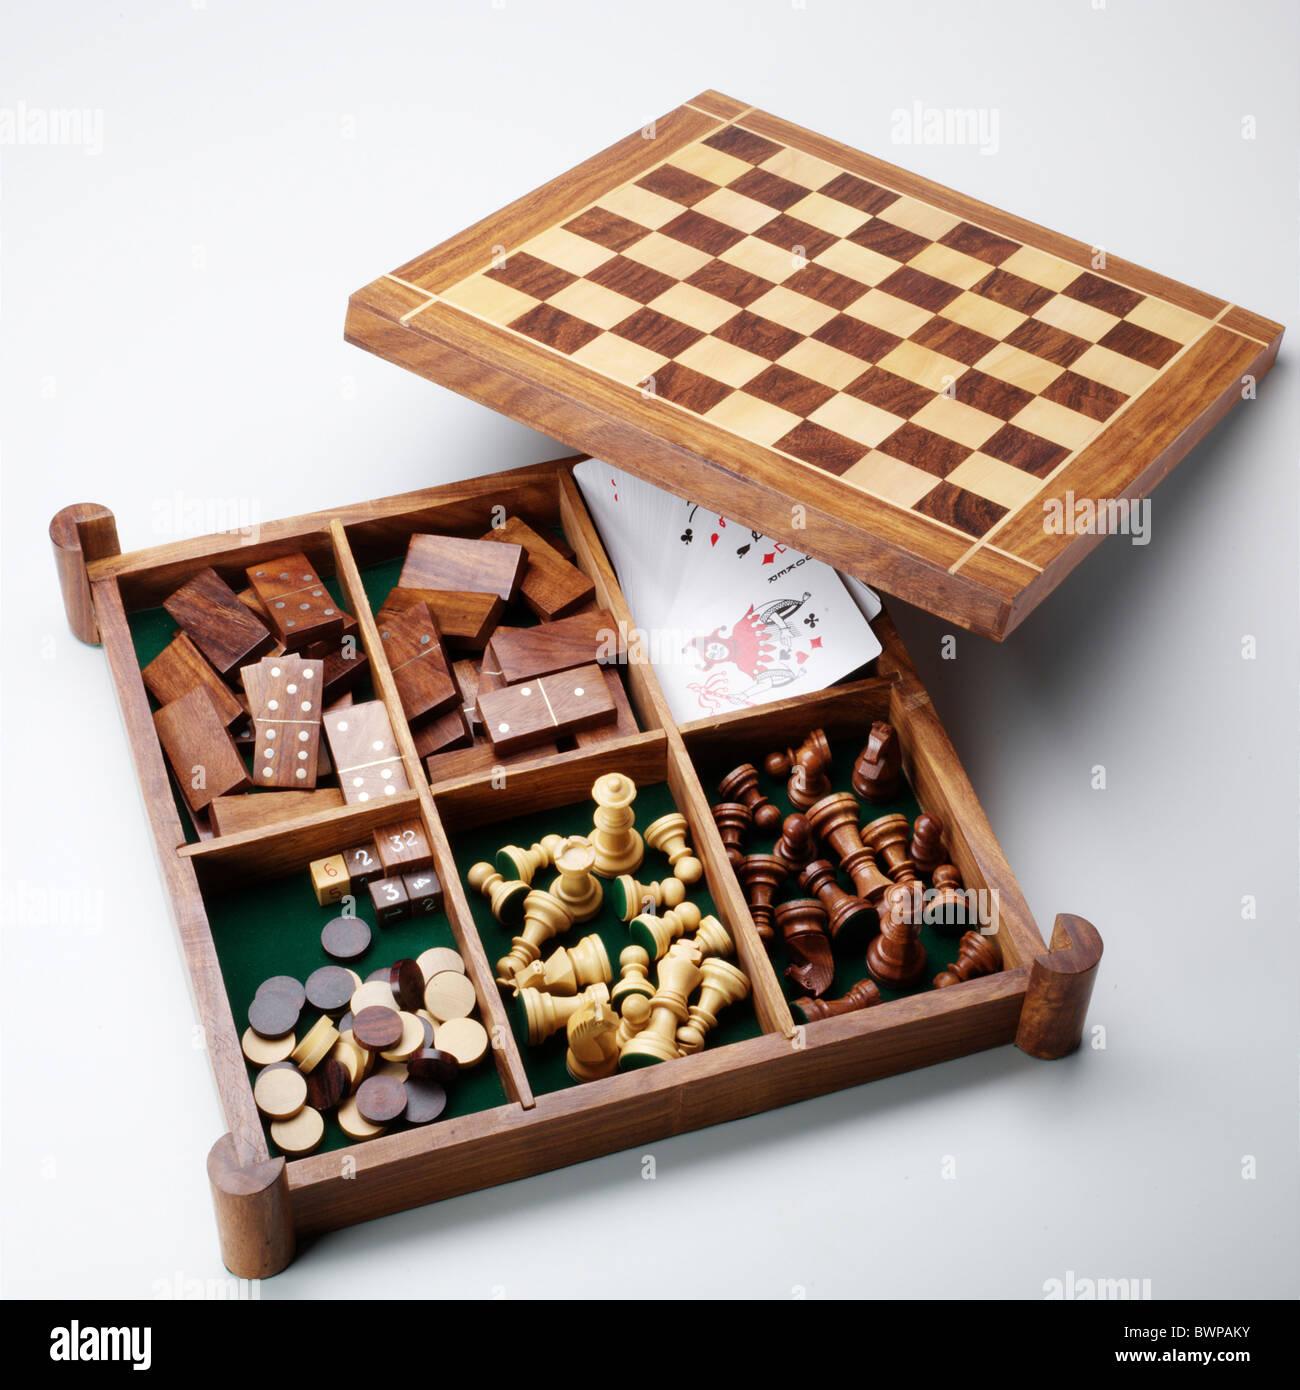 Games compendium - Stock Image